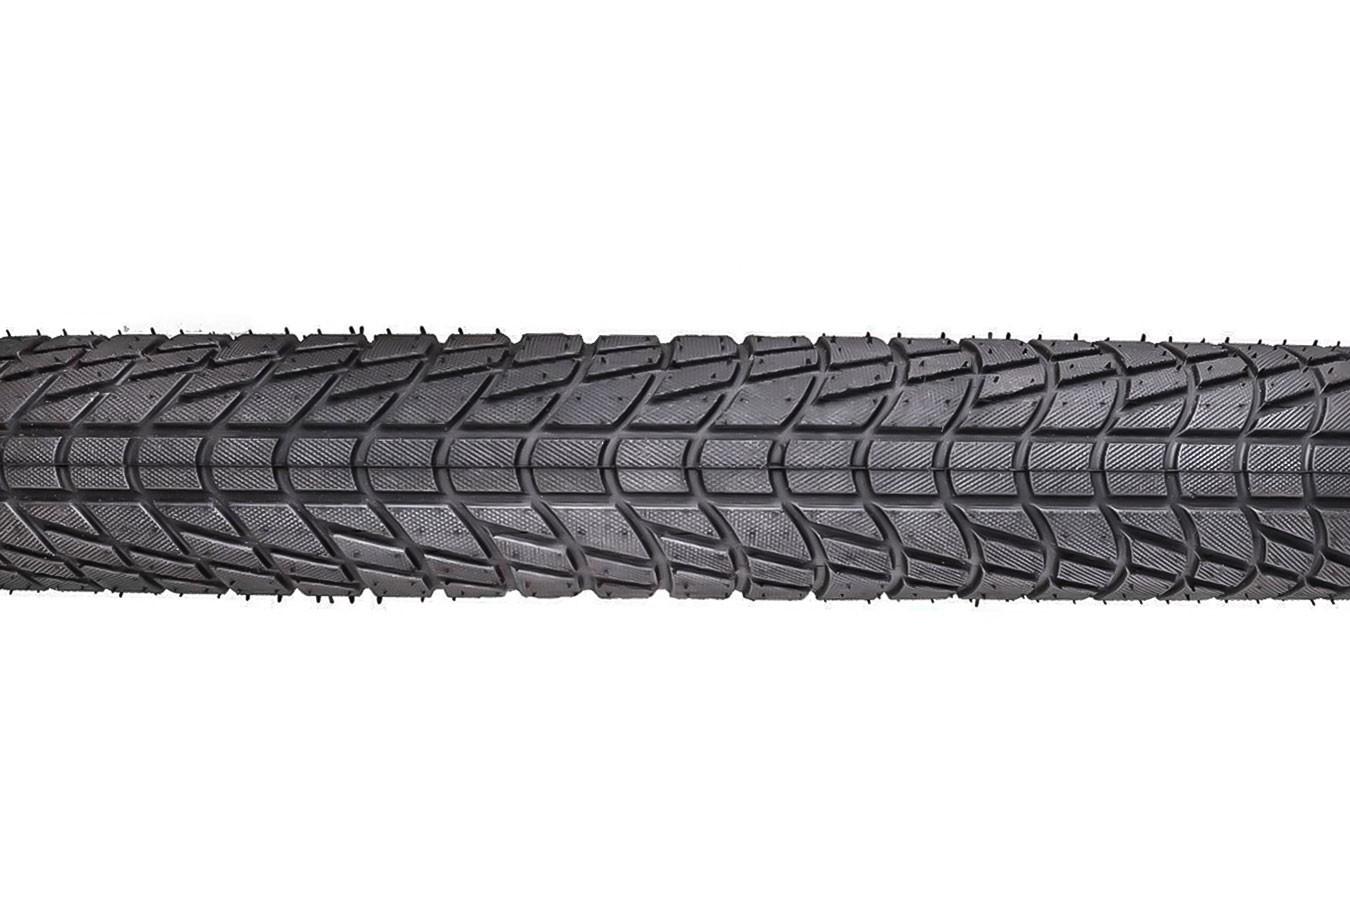 Pneu 20x1.75 (47x406) Scuba Preto - Pirelli